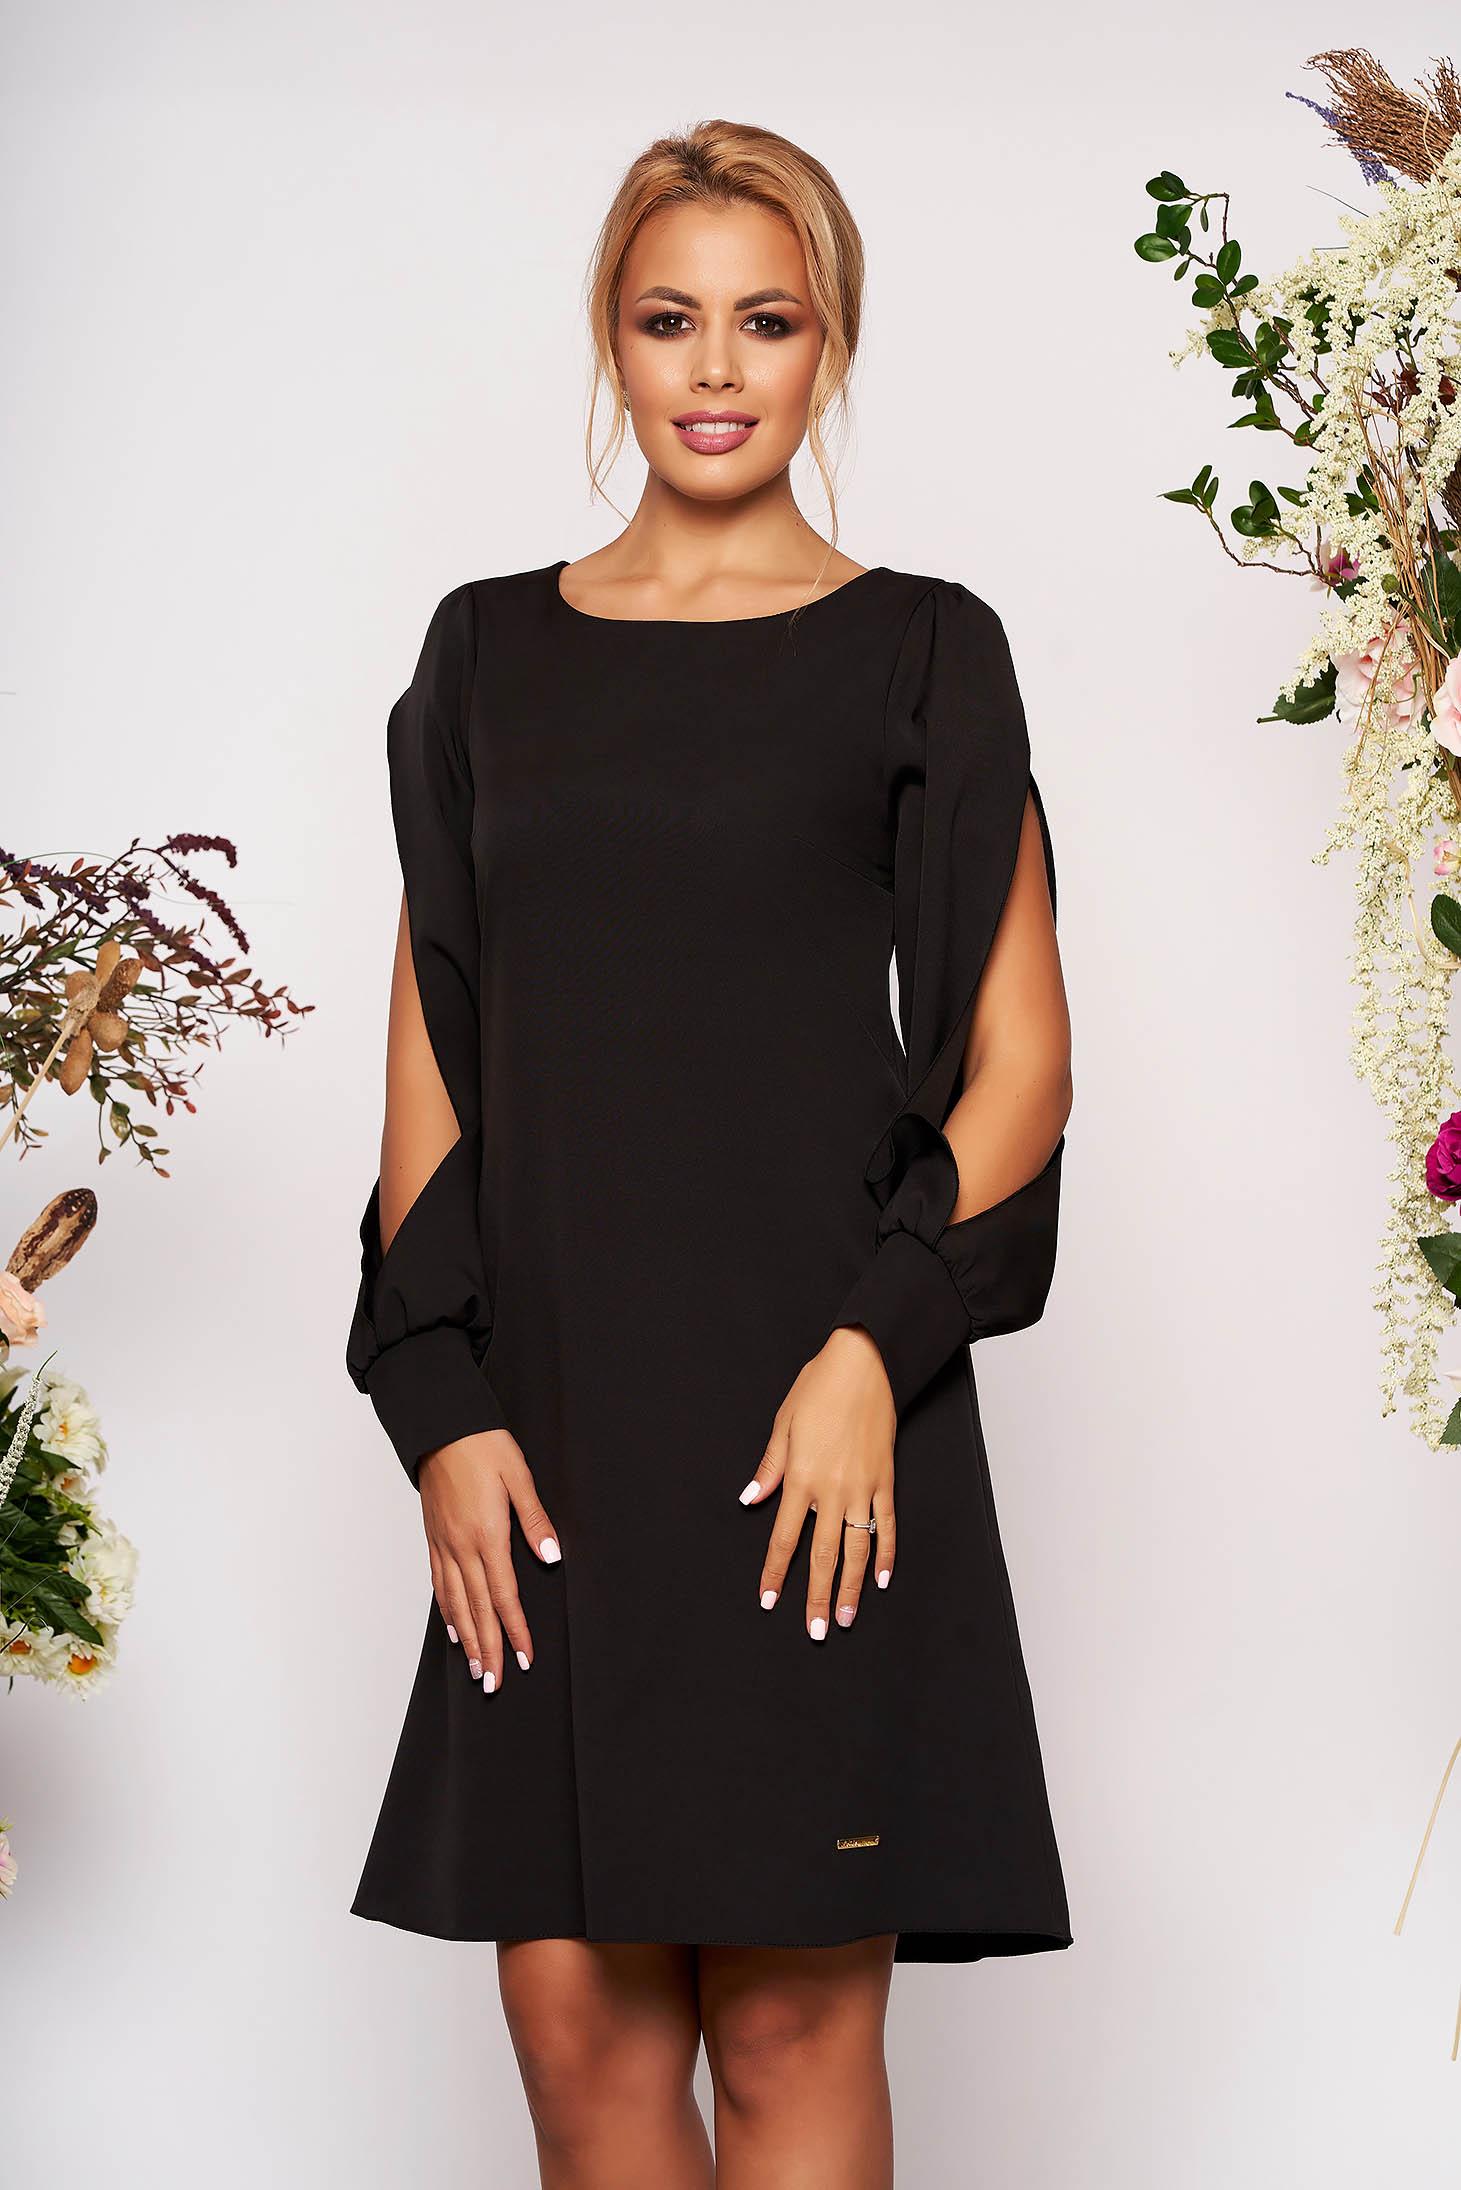 Rochie neagra eleganta scurta cu croi in a cu decolteu la baza gatului si maneci lungi decupate